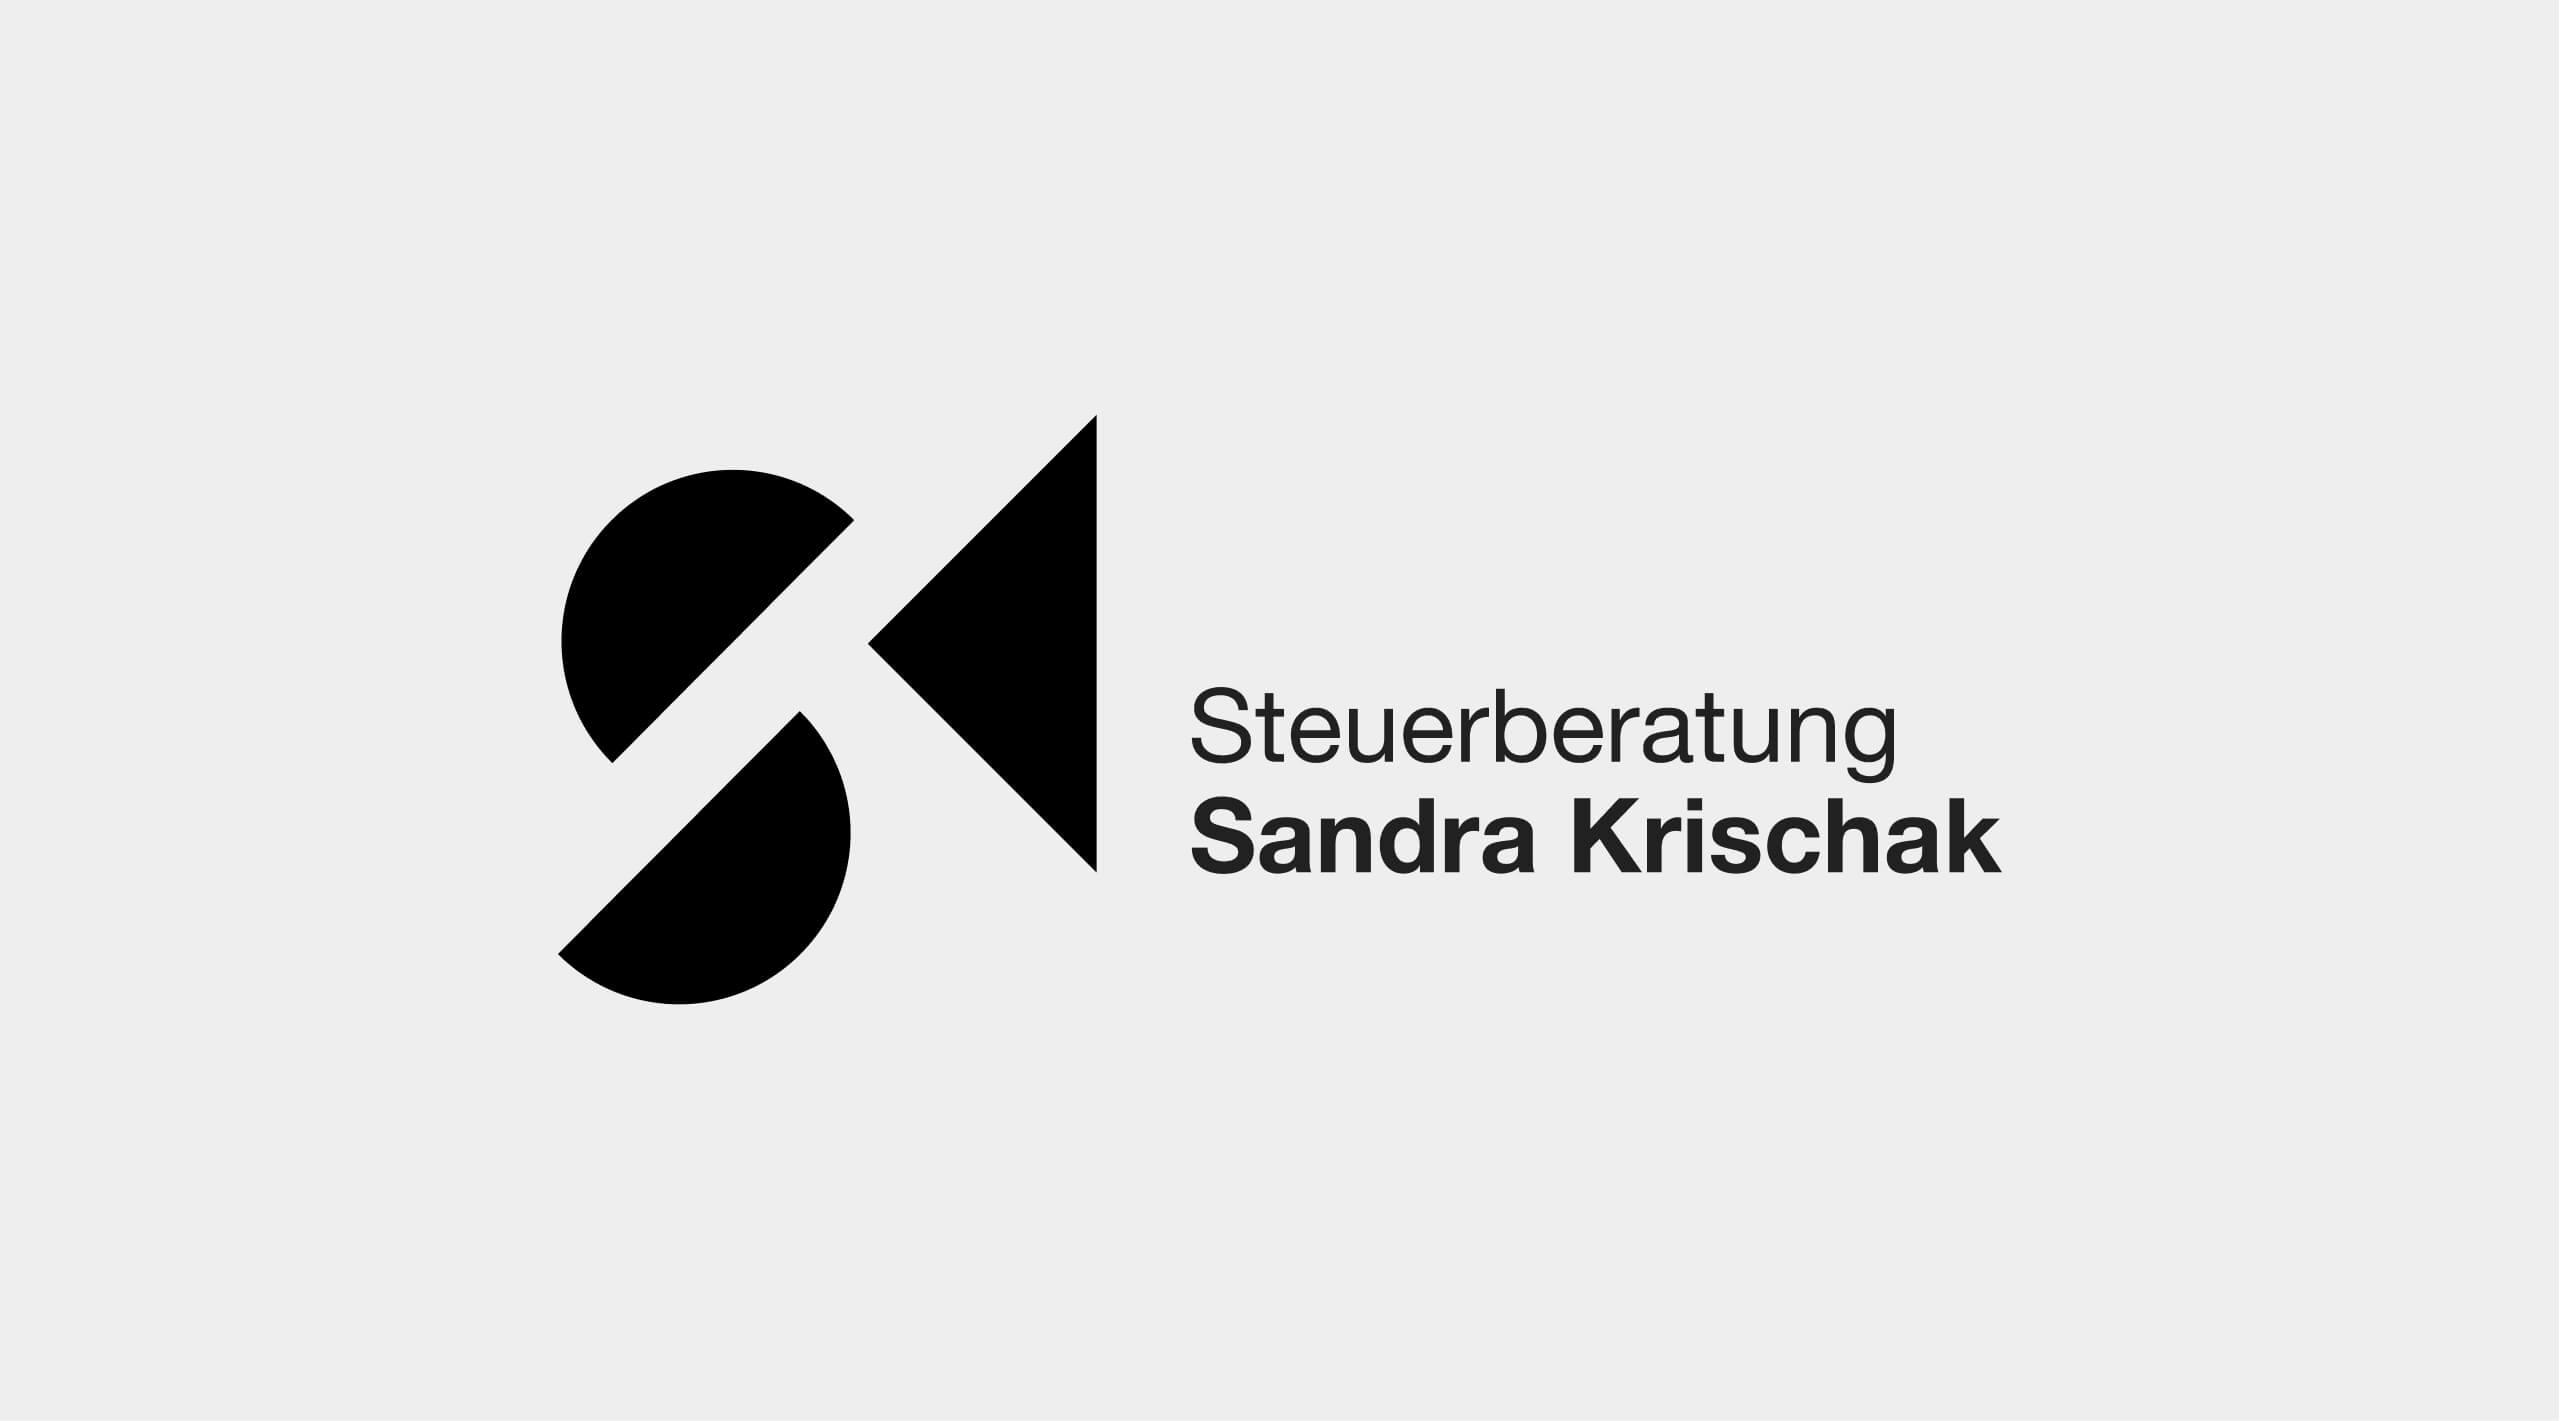 Darstellung des Steuerberatung Krischak Logos.